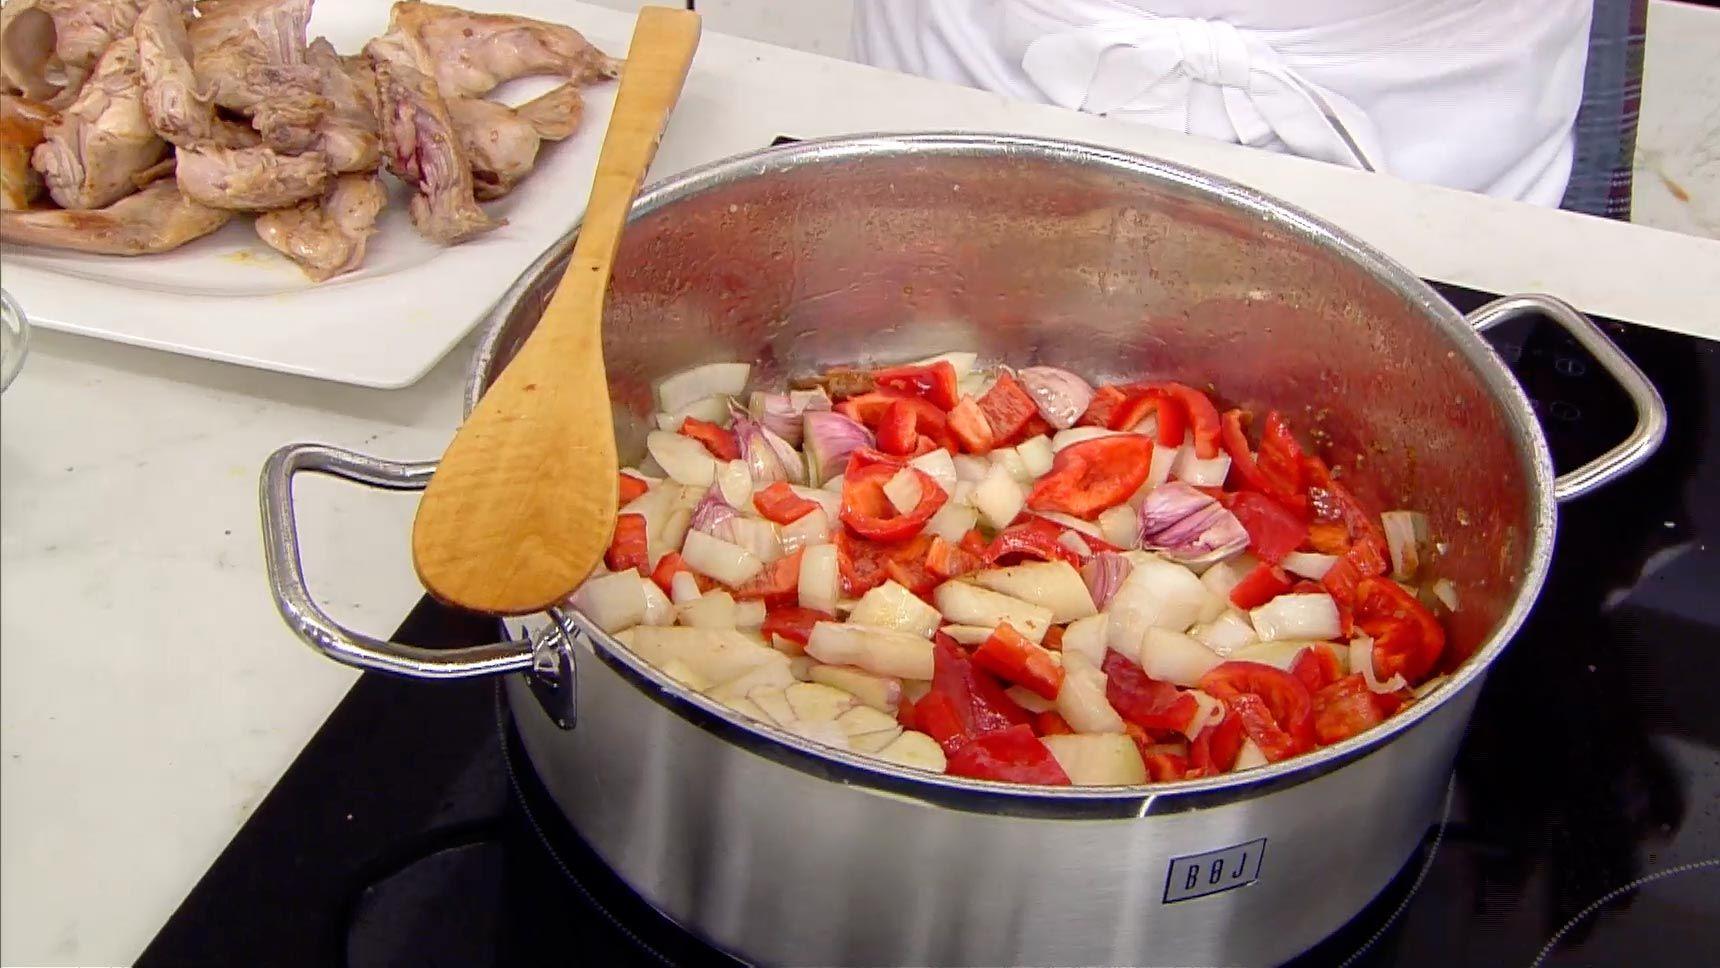 Andrajos con conejo, la receta tradicional de Karlos Arguiñano - paso 2